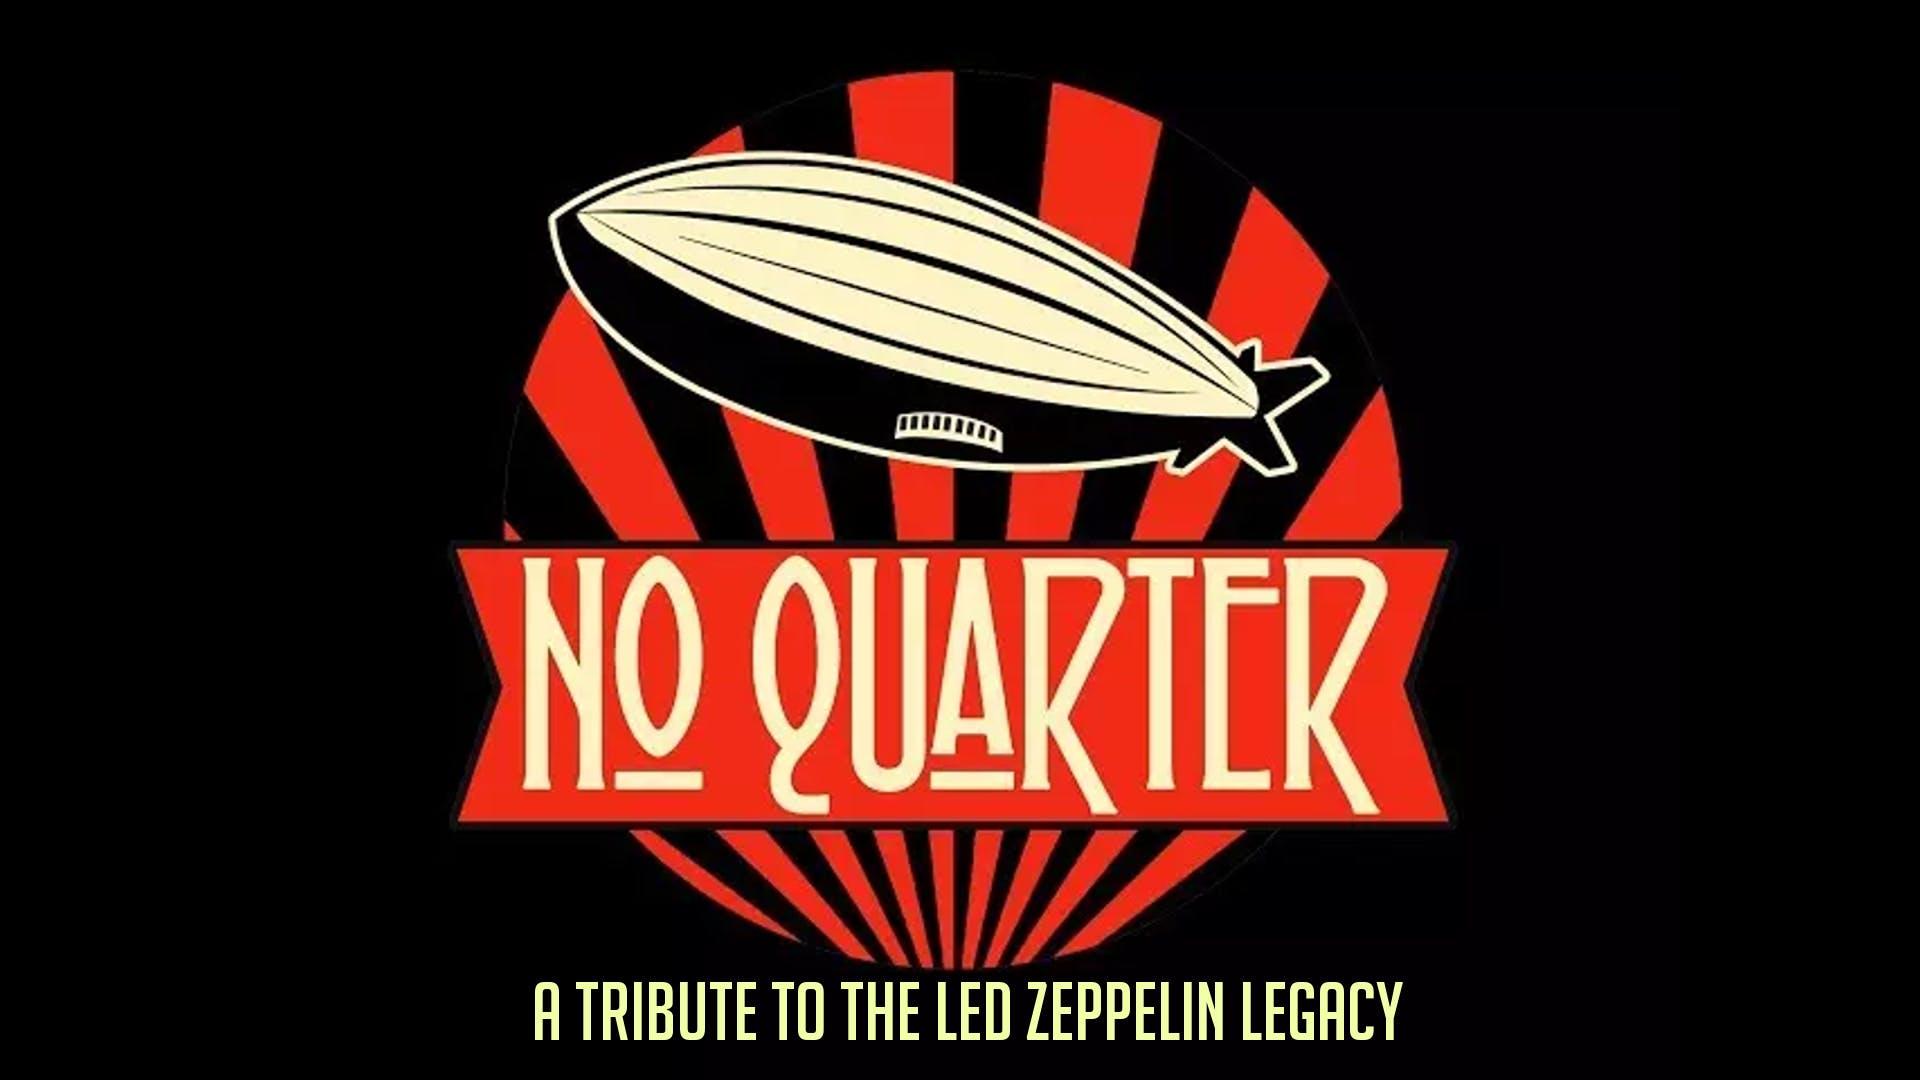 No Quarter Led Zeppelin Legacy Tour 2019 19 Jun 2019